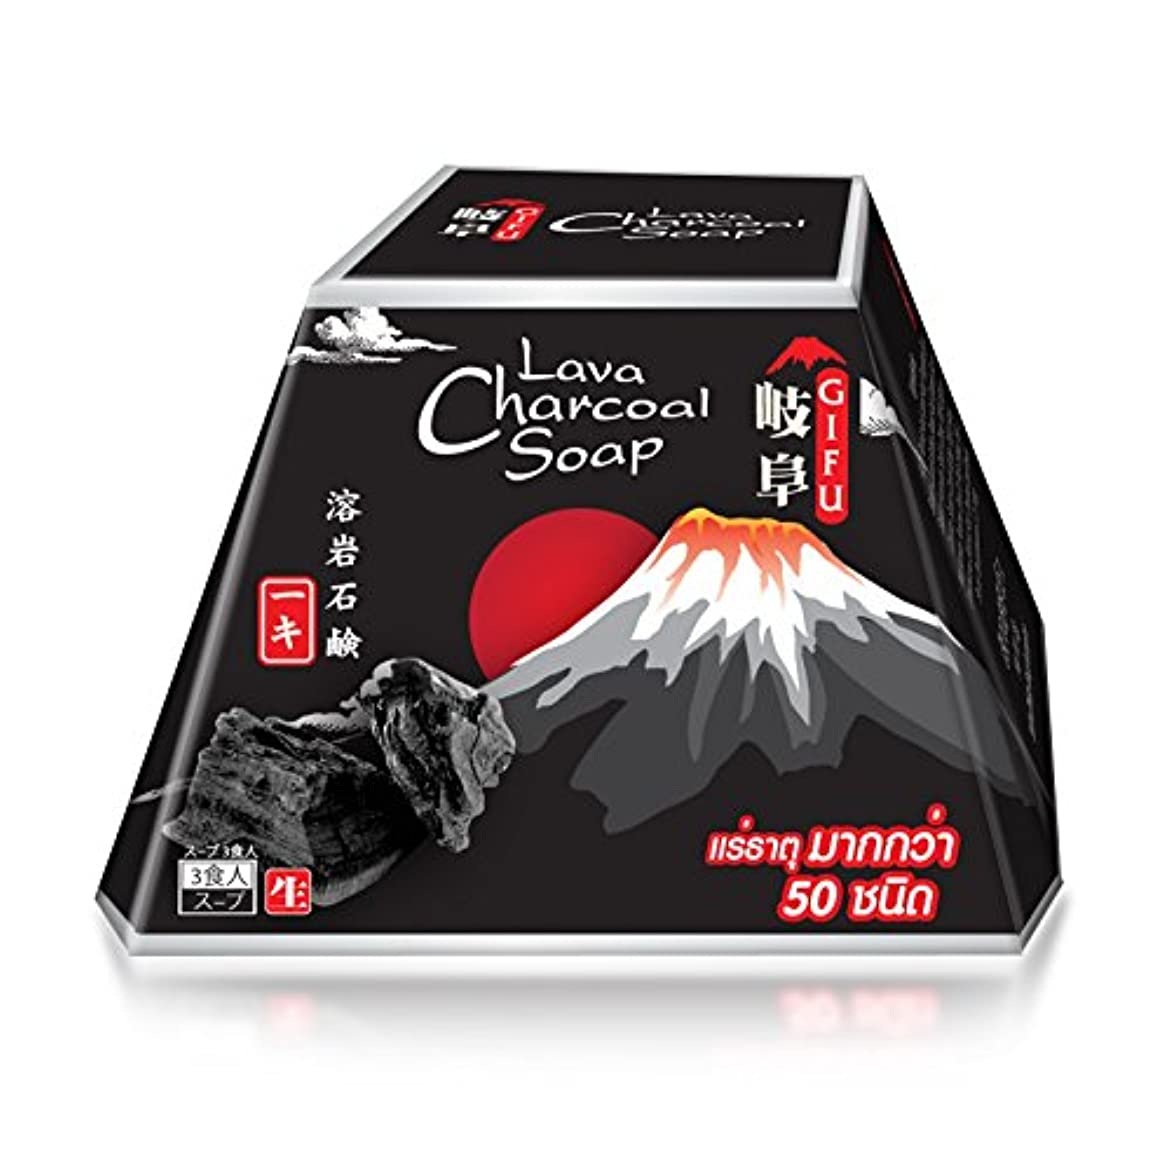 絶妙憧れ同盟OKI GIFU Lava Charcoal Soap 70g 溶岩炭石鹸 日本の溶岩